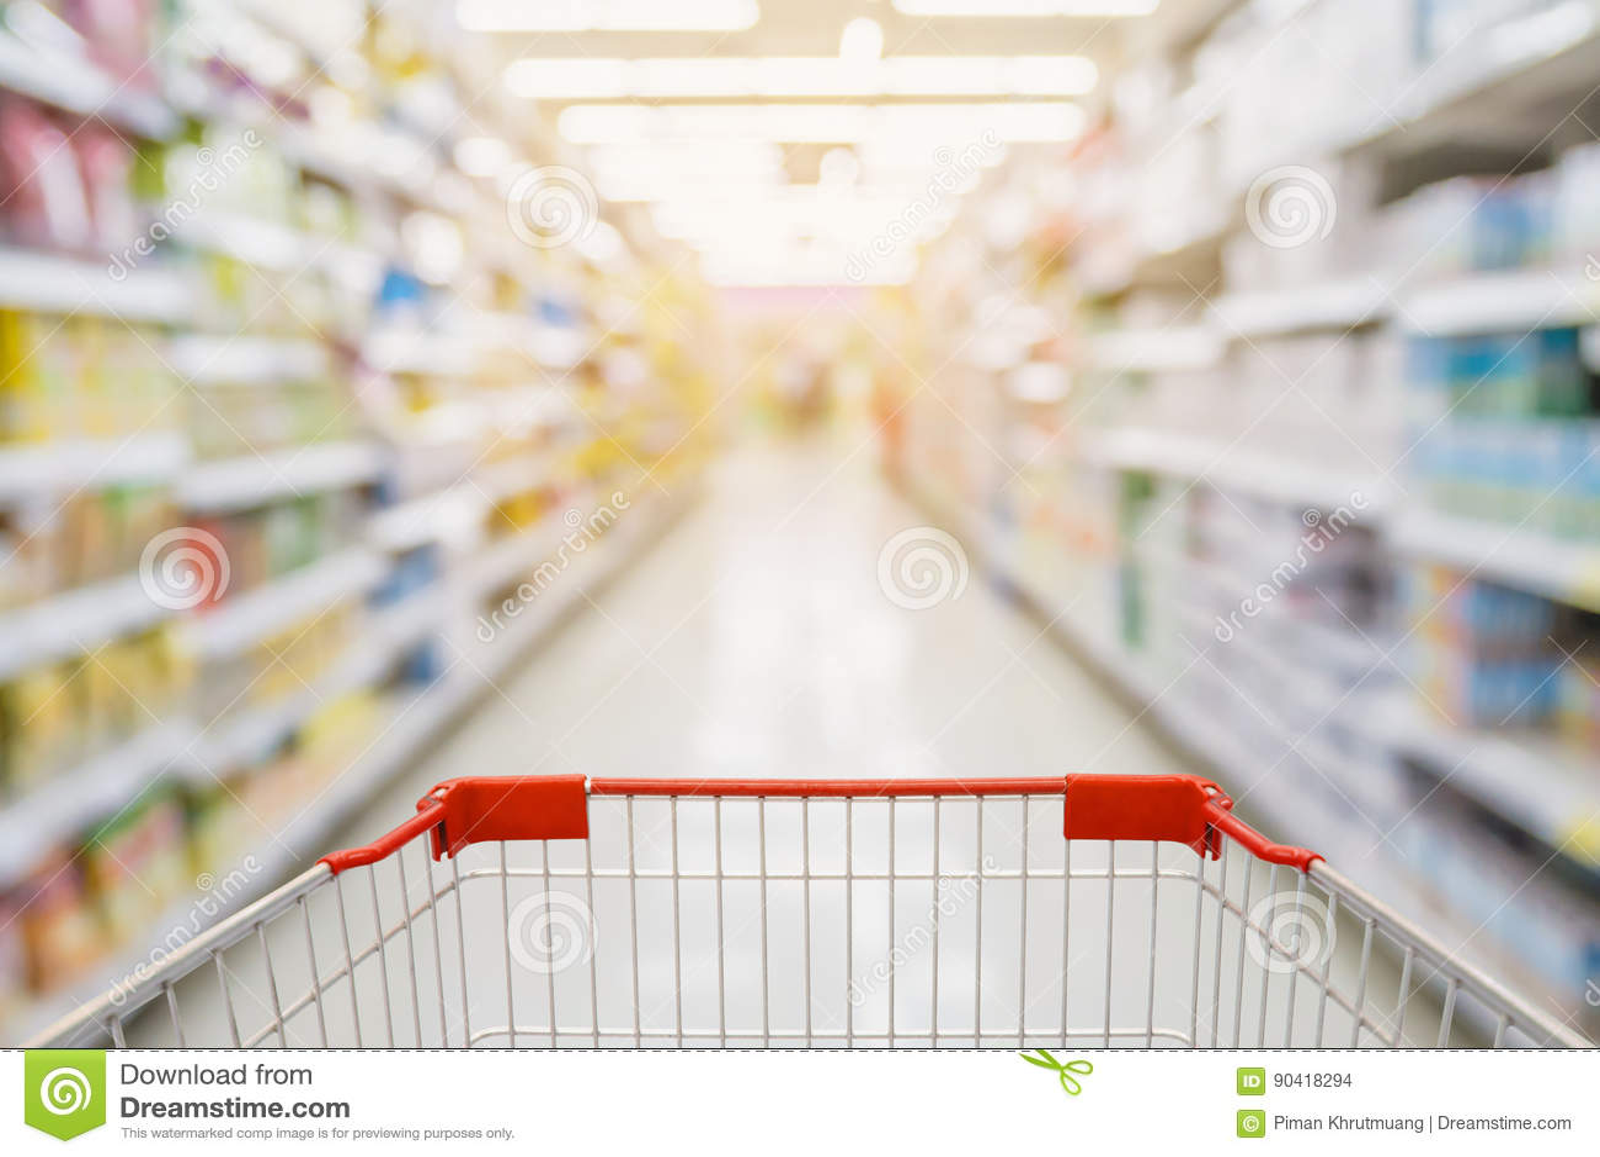 1cbfb64333 Corredor Do Supermercado Com Carrinho De Compras Vermelho Foto de ...